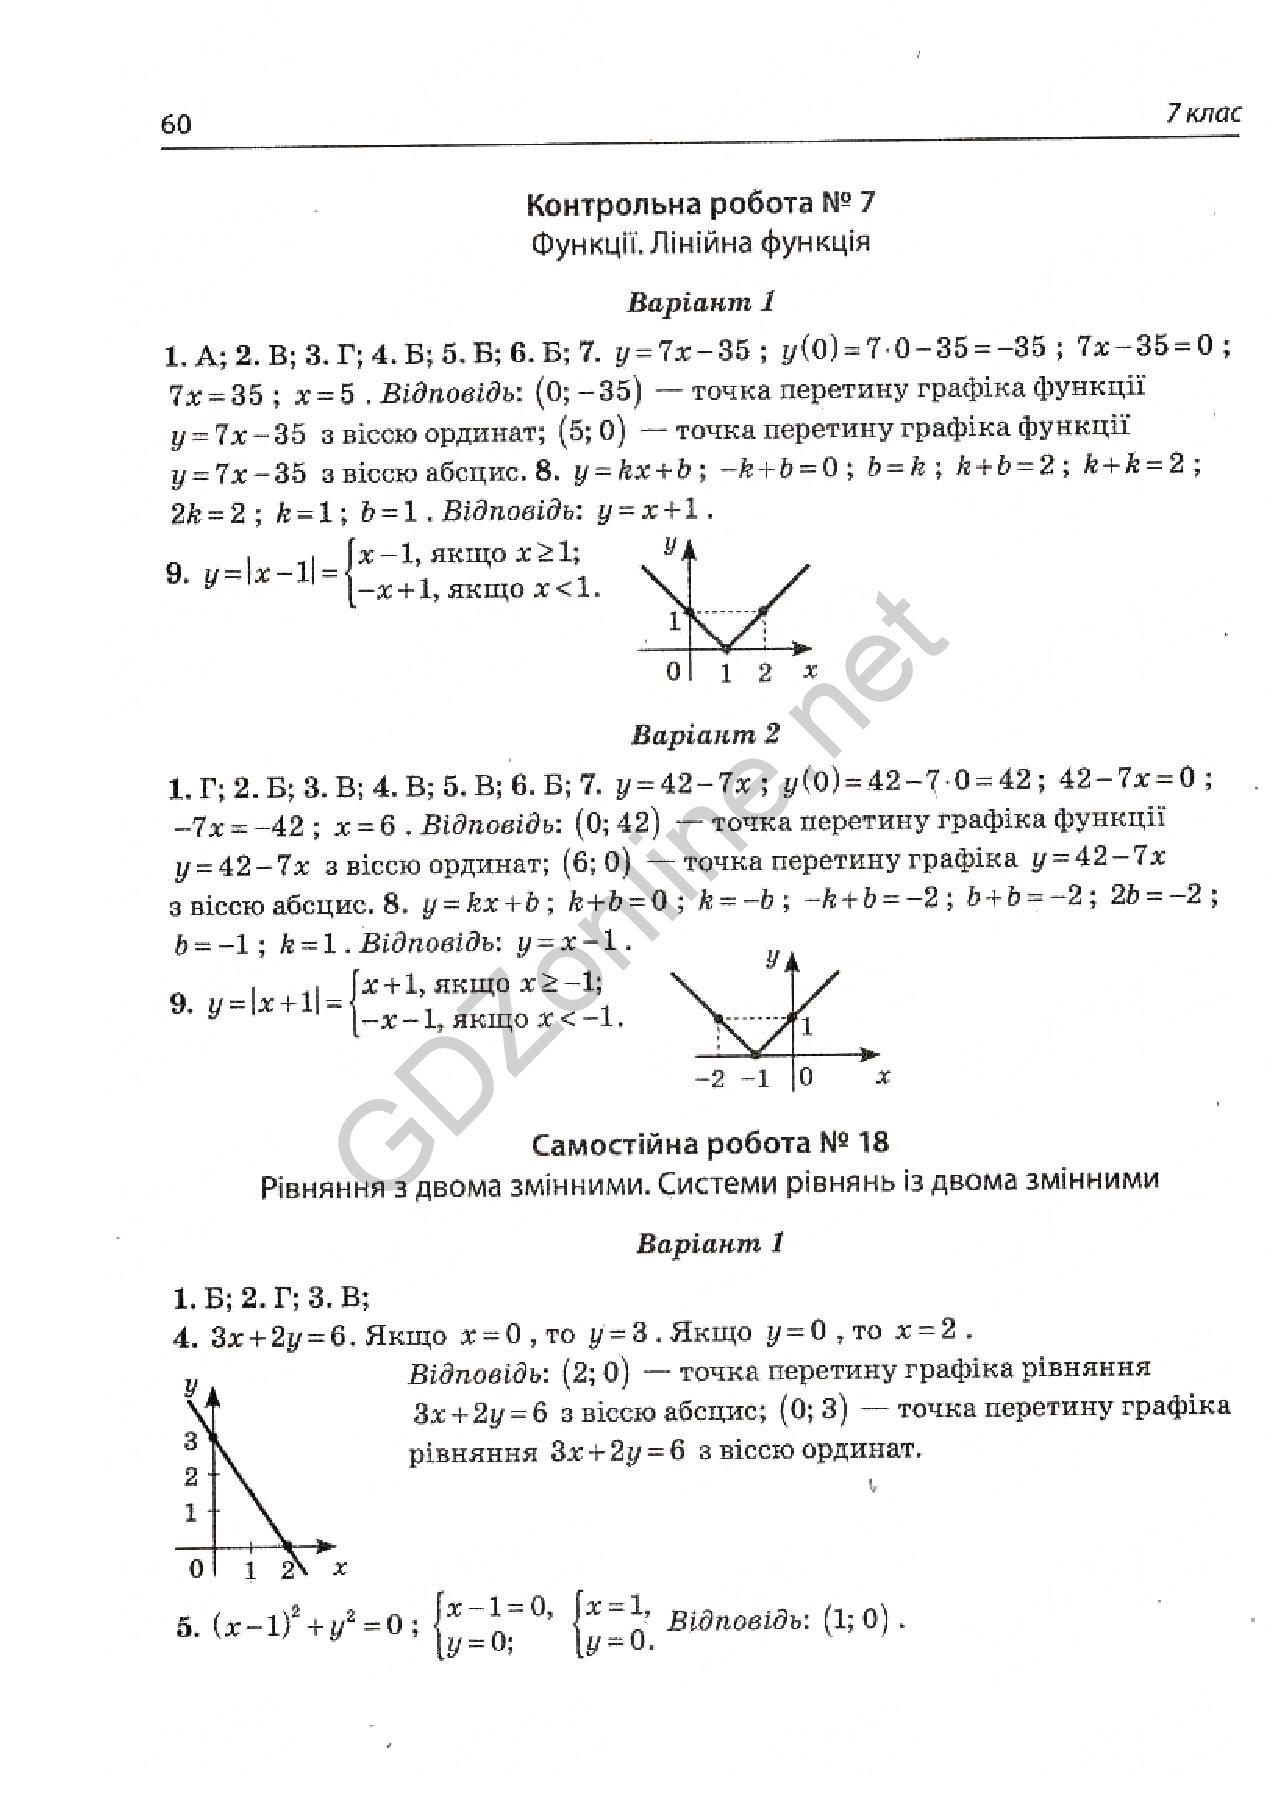 гдз гальперіна 7 геометрія контрольний зошит